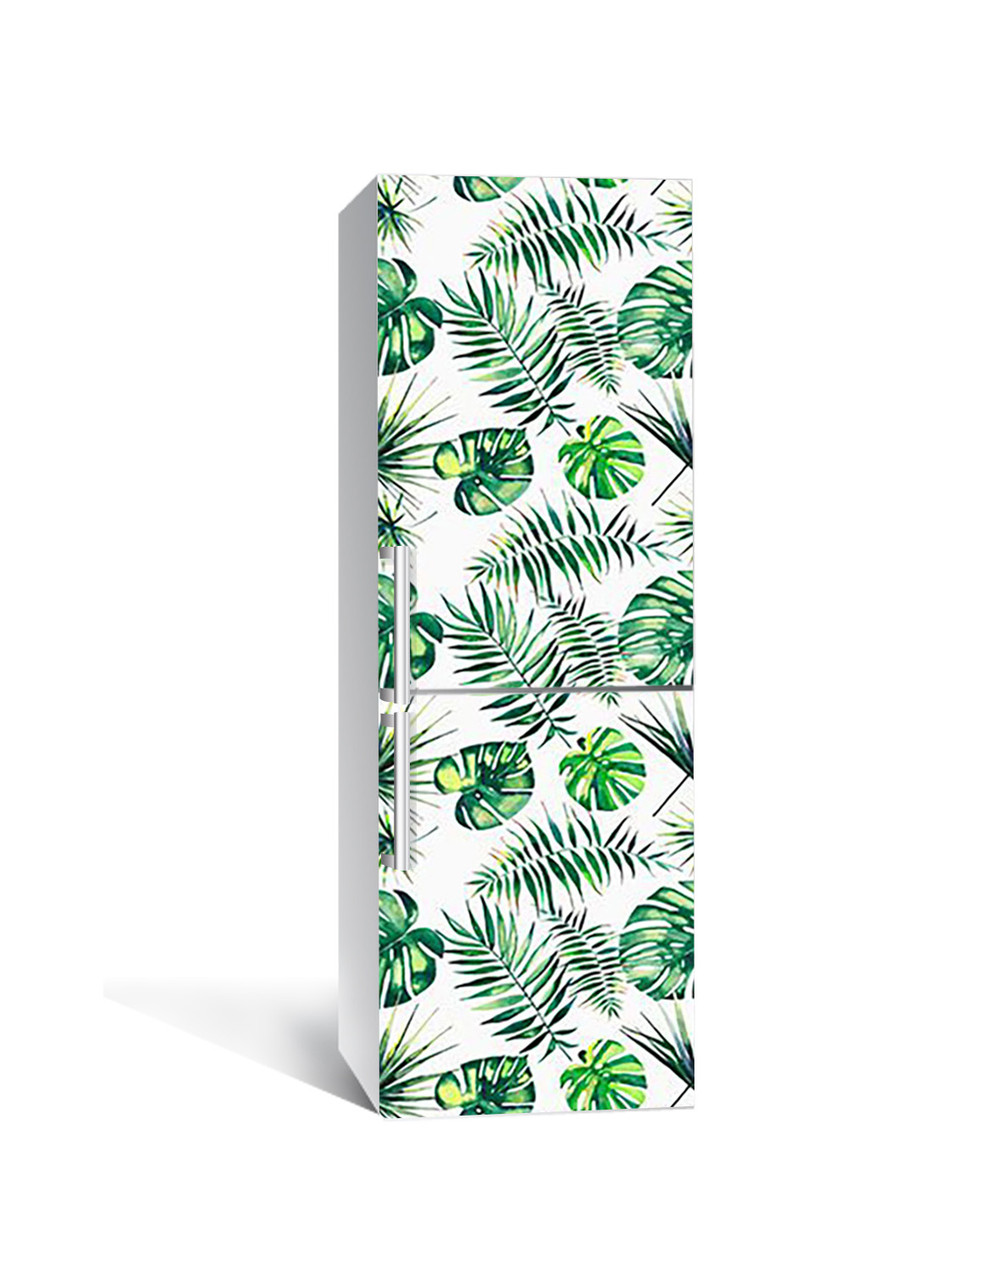 Наклейка на холодильник Монстера Листья Пальмы (пленка ПВХ с ламинацией) 65*200см Растения Зелёный